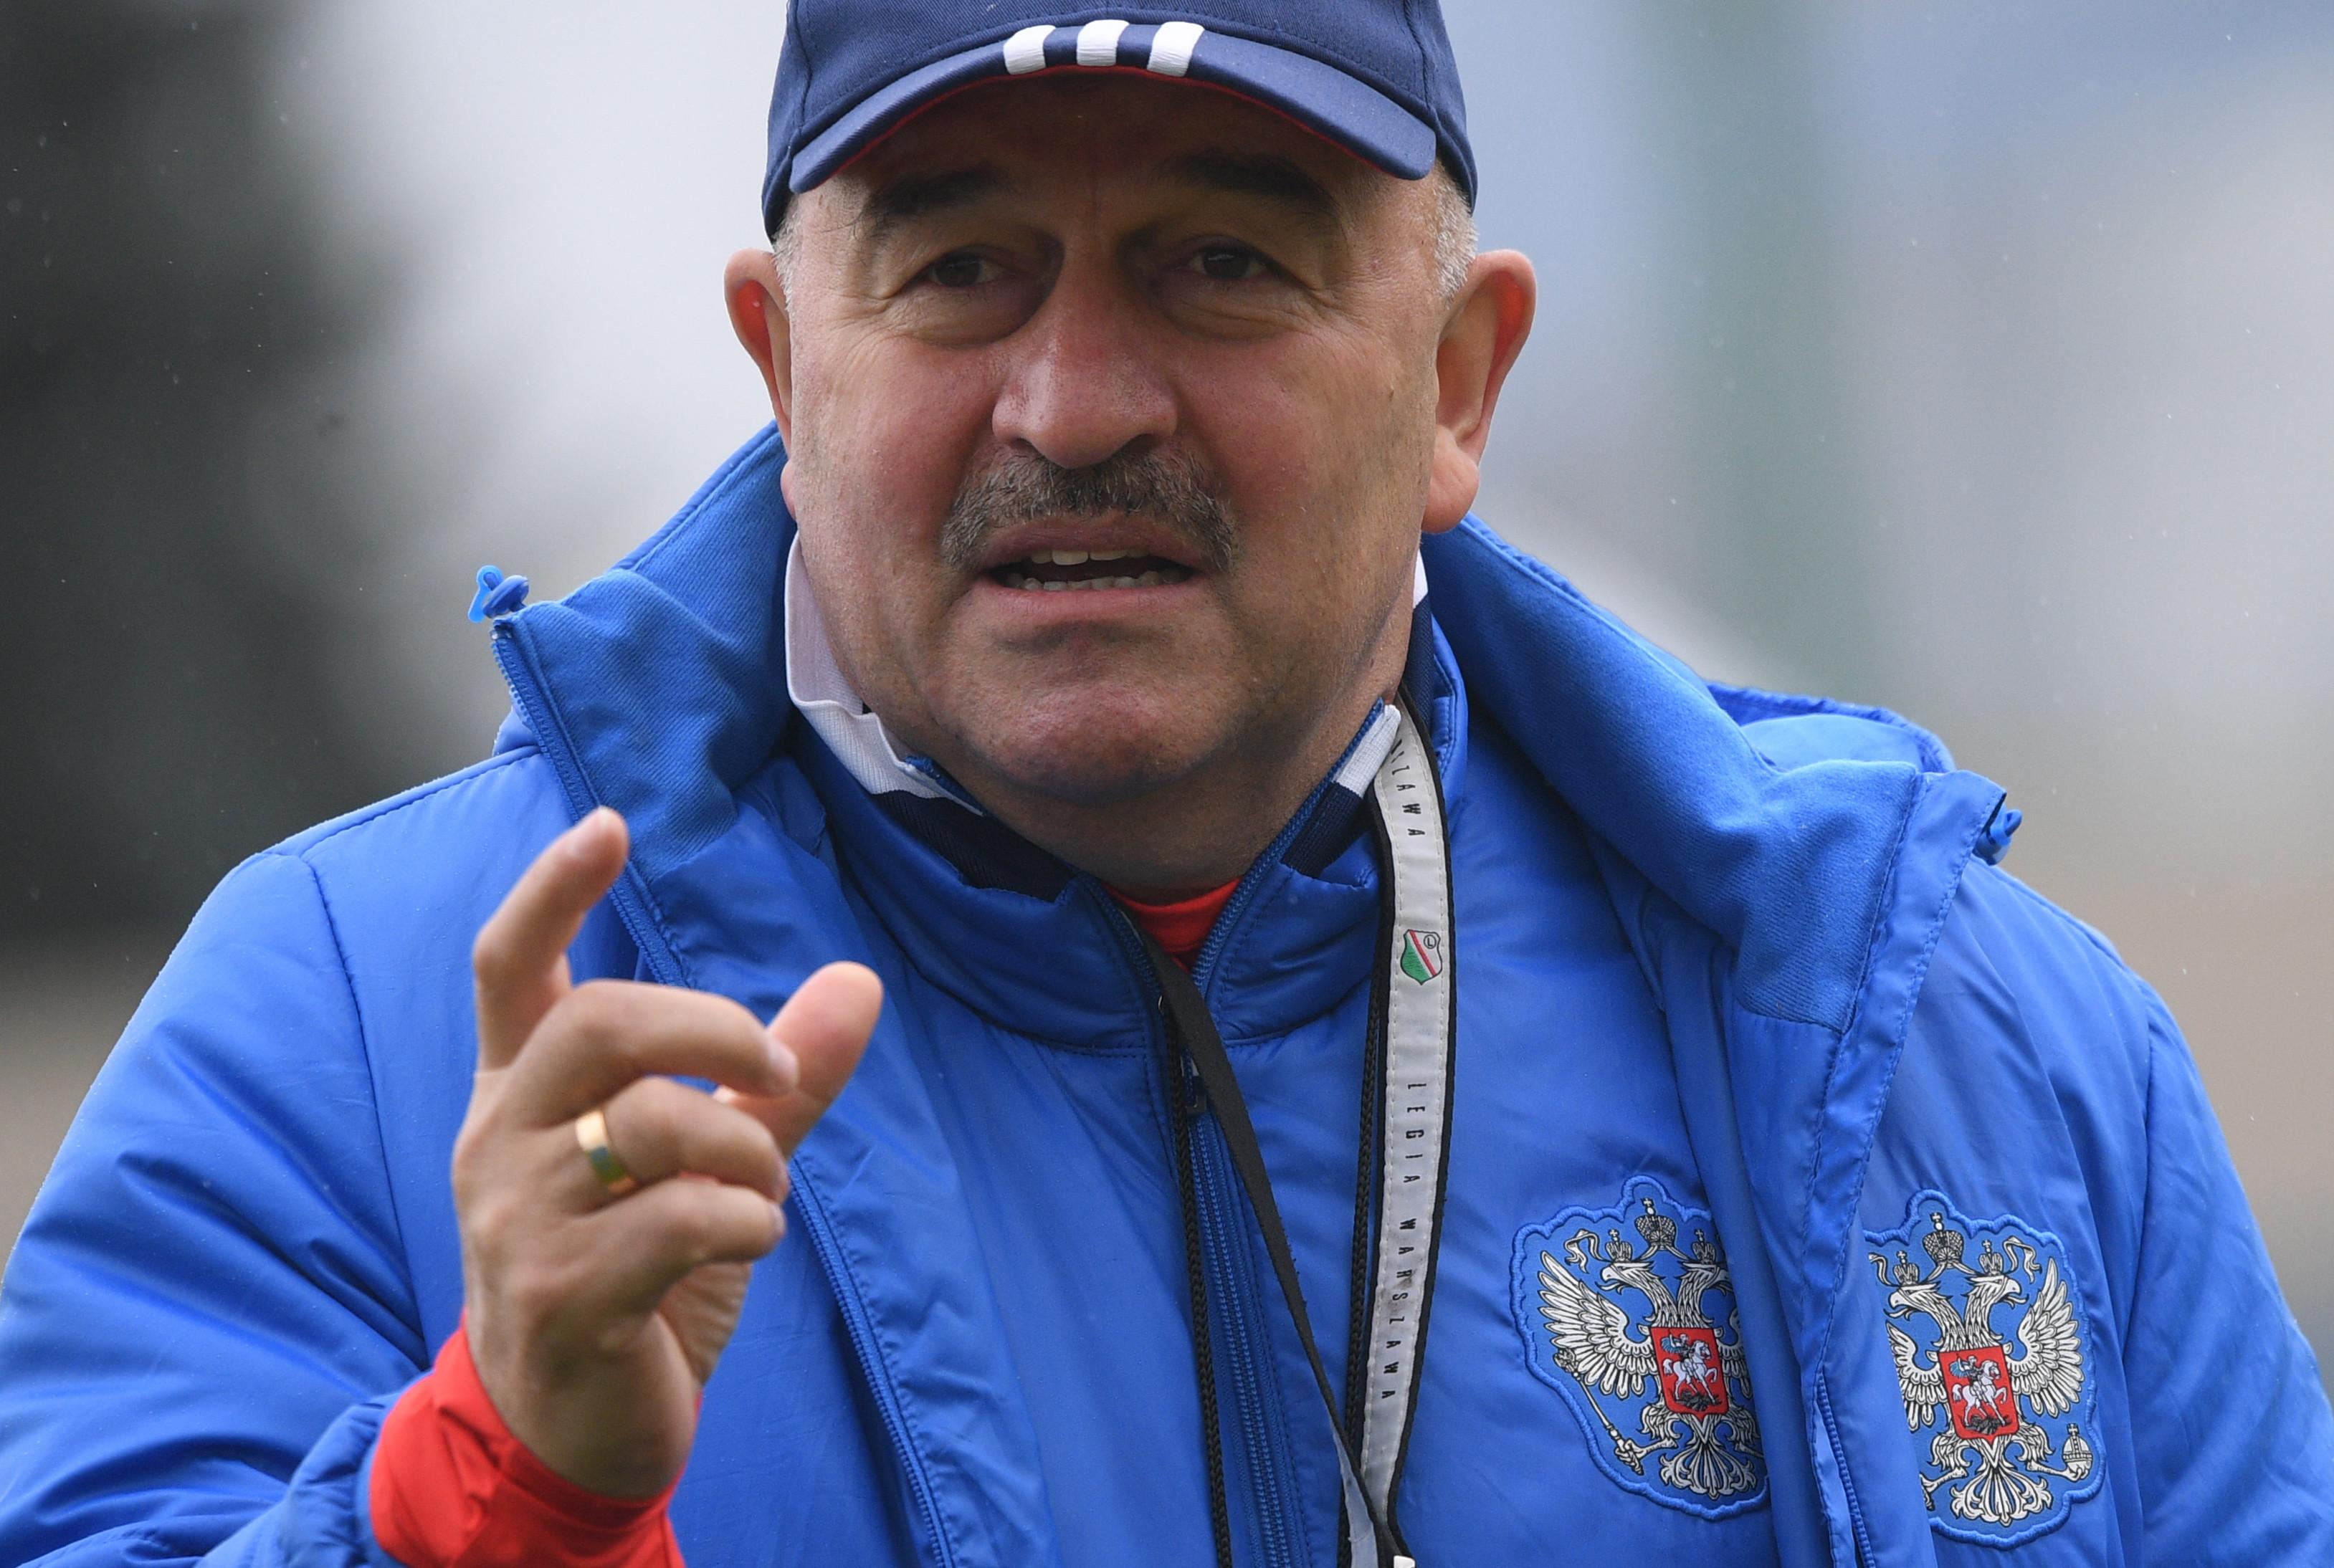 Фото: РИА Новости/Виталий Белоусов